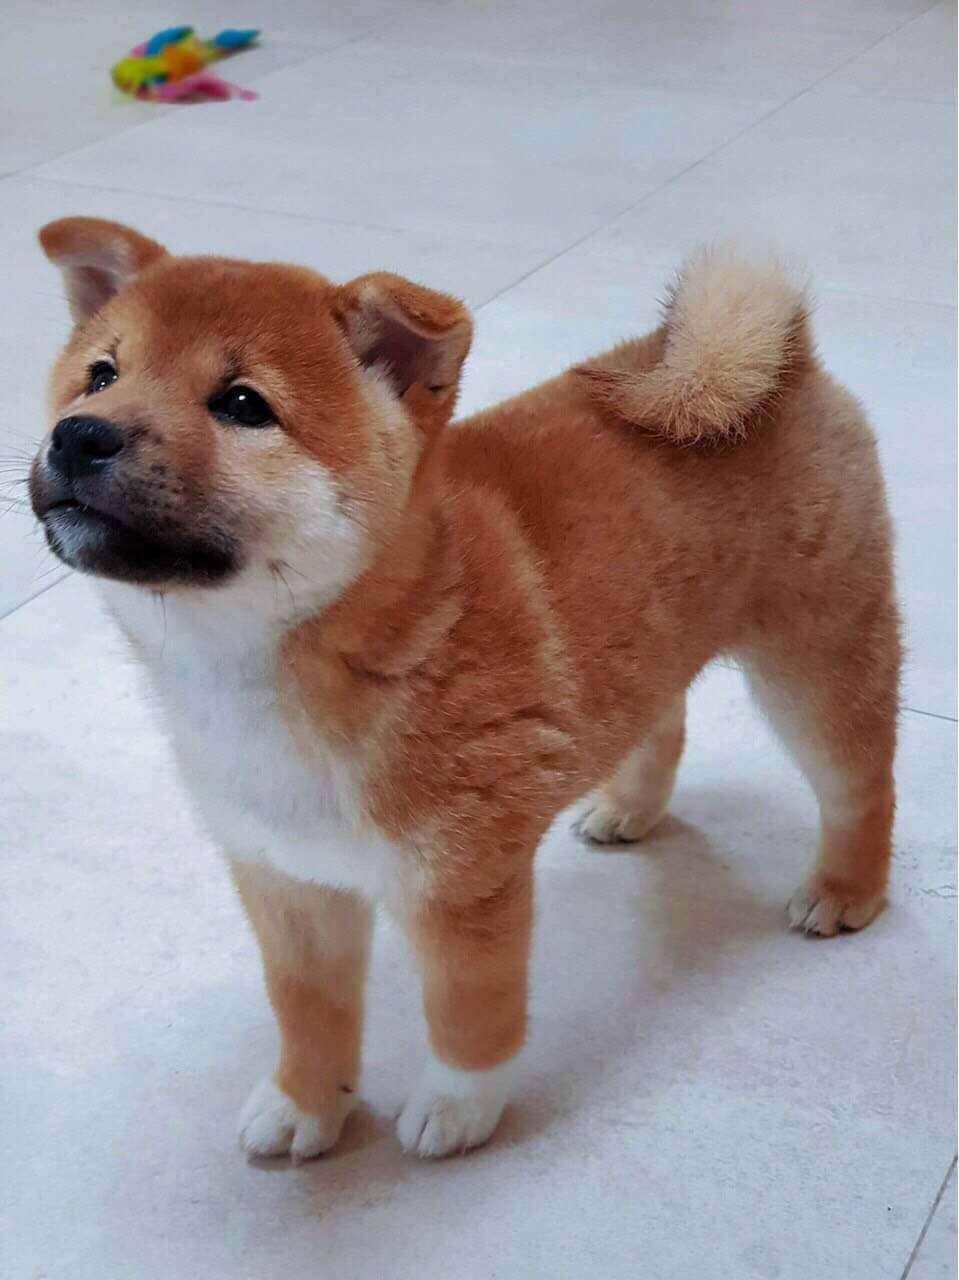 Tiêu chuẩn chó Shiba Inu. Mua chó shiba giá bao nhiêu ? Địa chỉ bán chó shiba uy tín ?